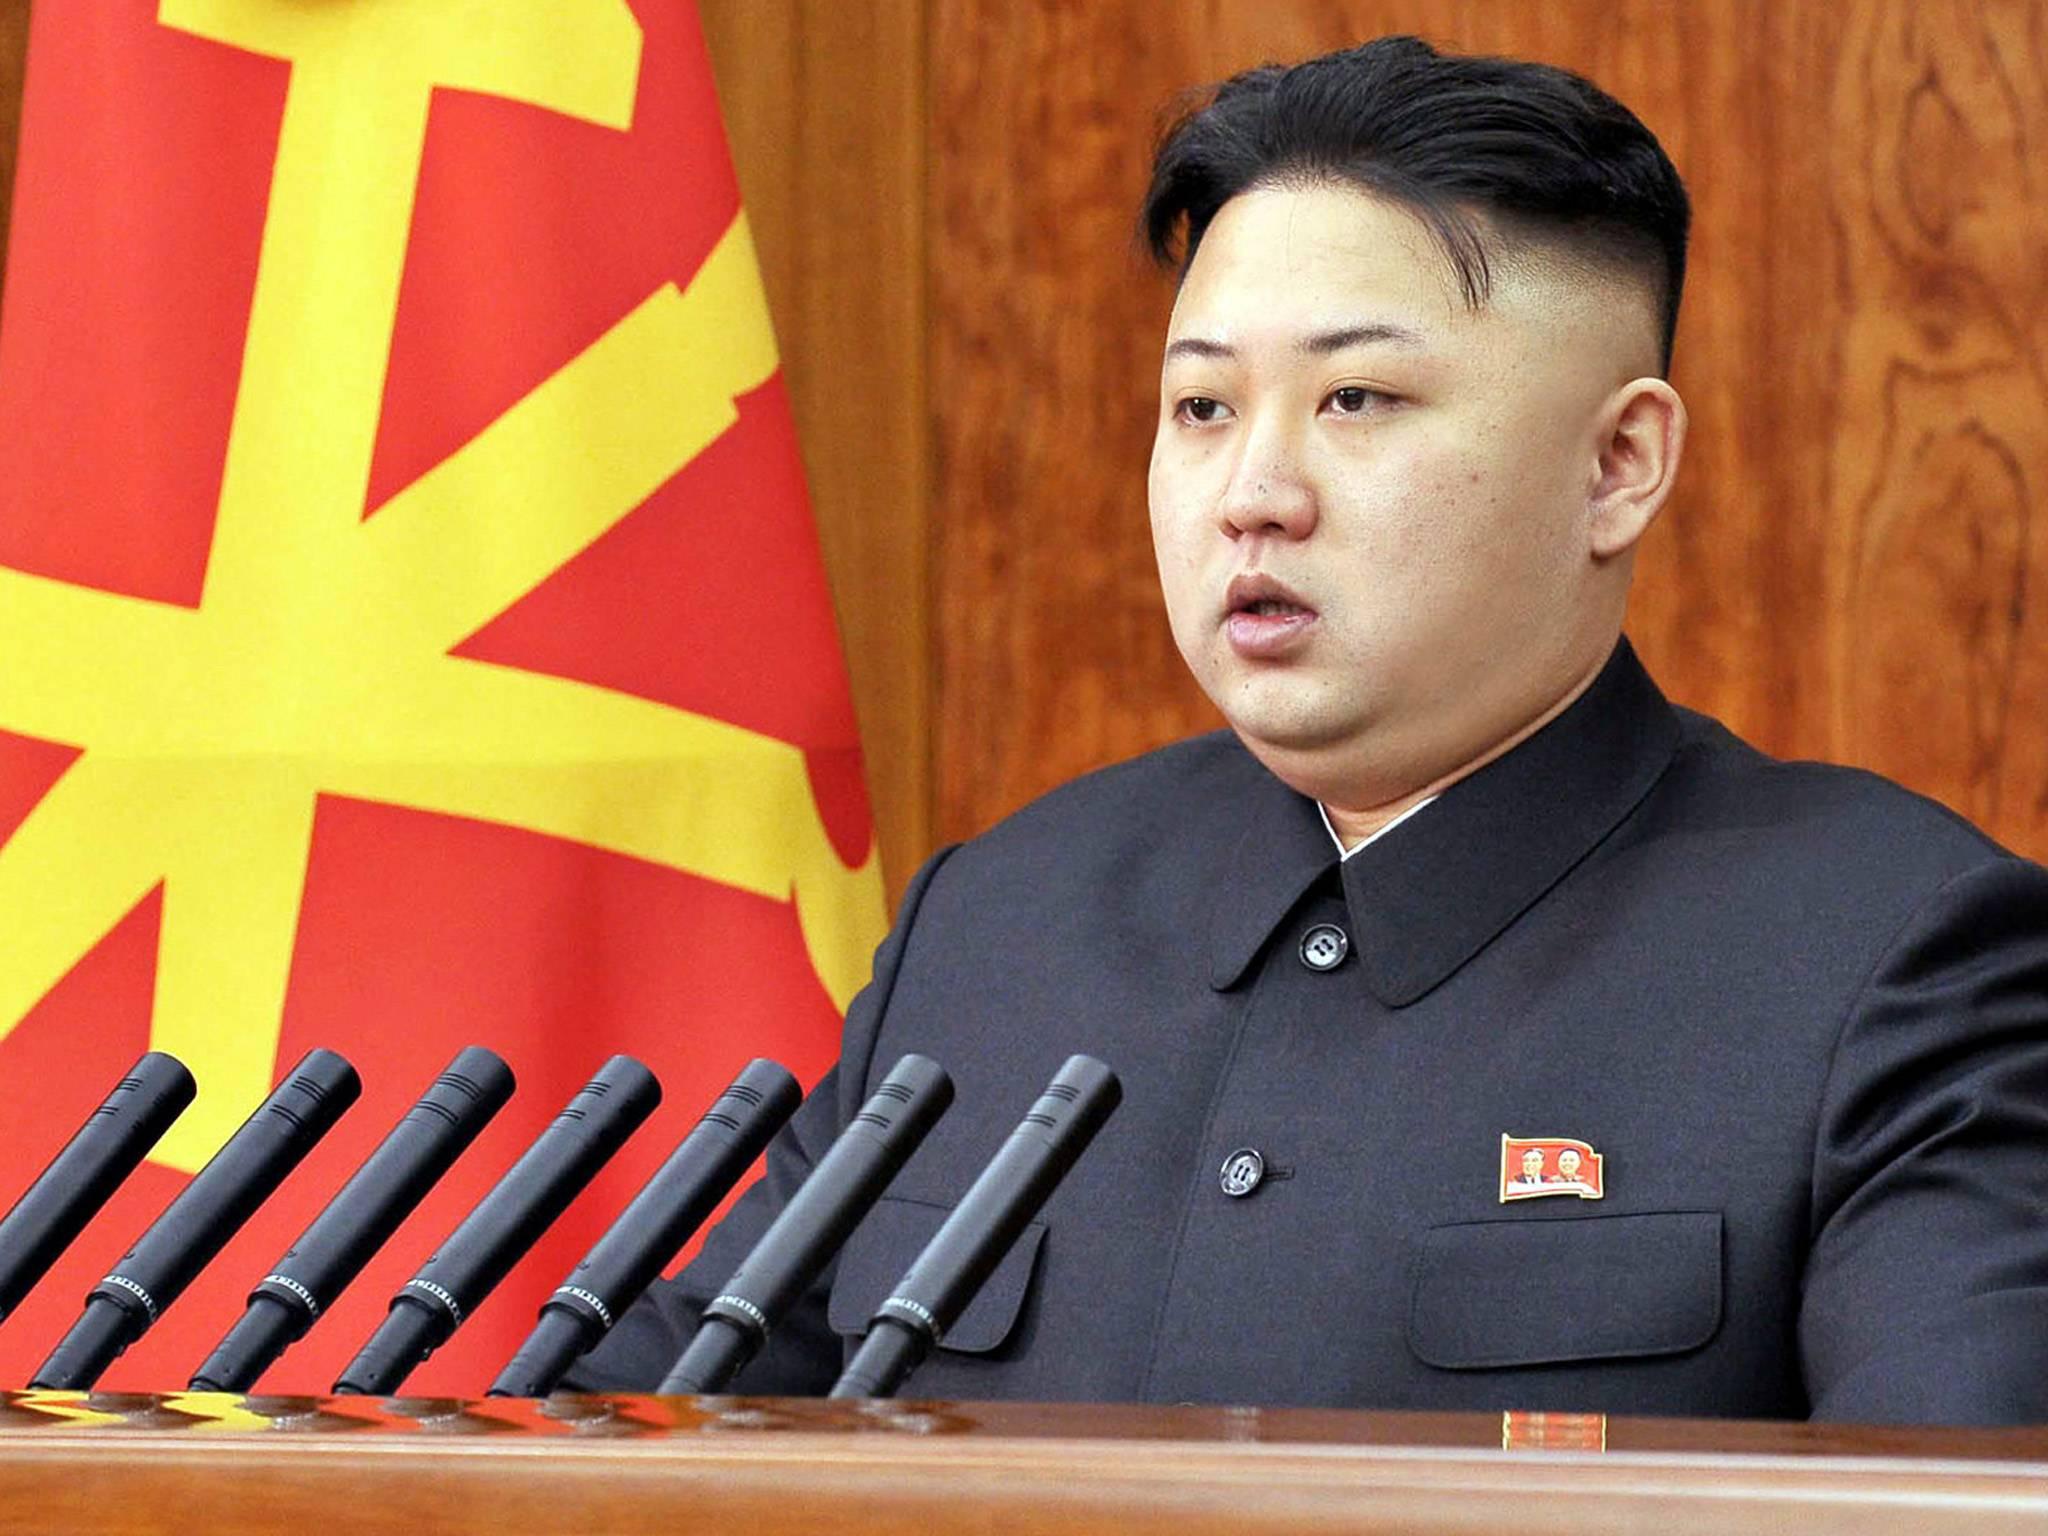 Kim Jong Un a assisté à ce tir d'essai - Crédits DR